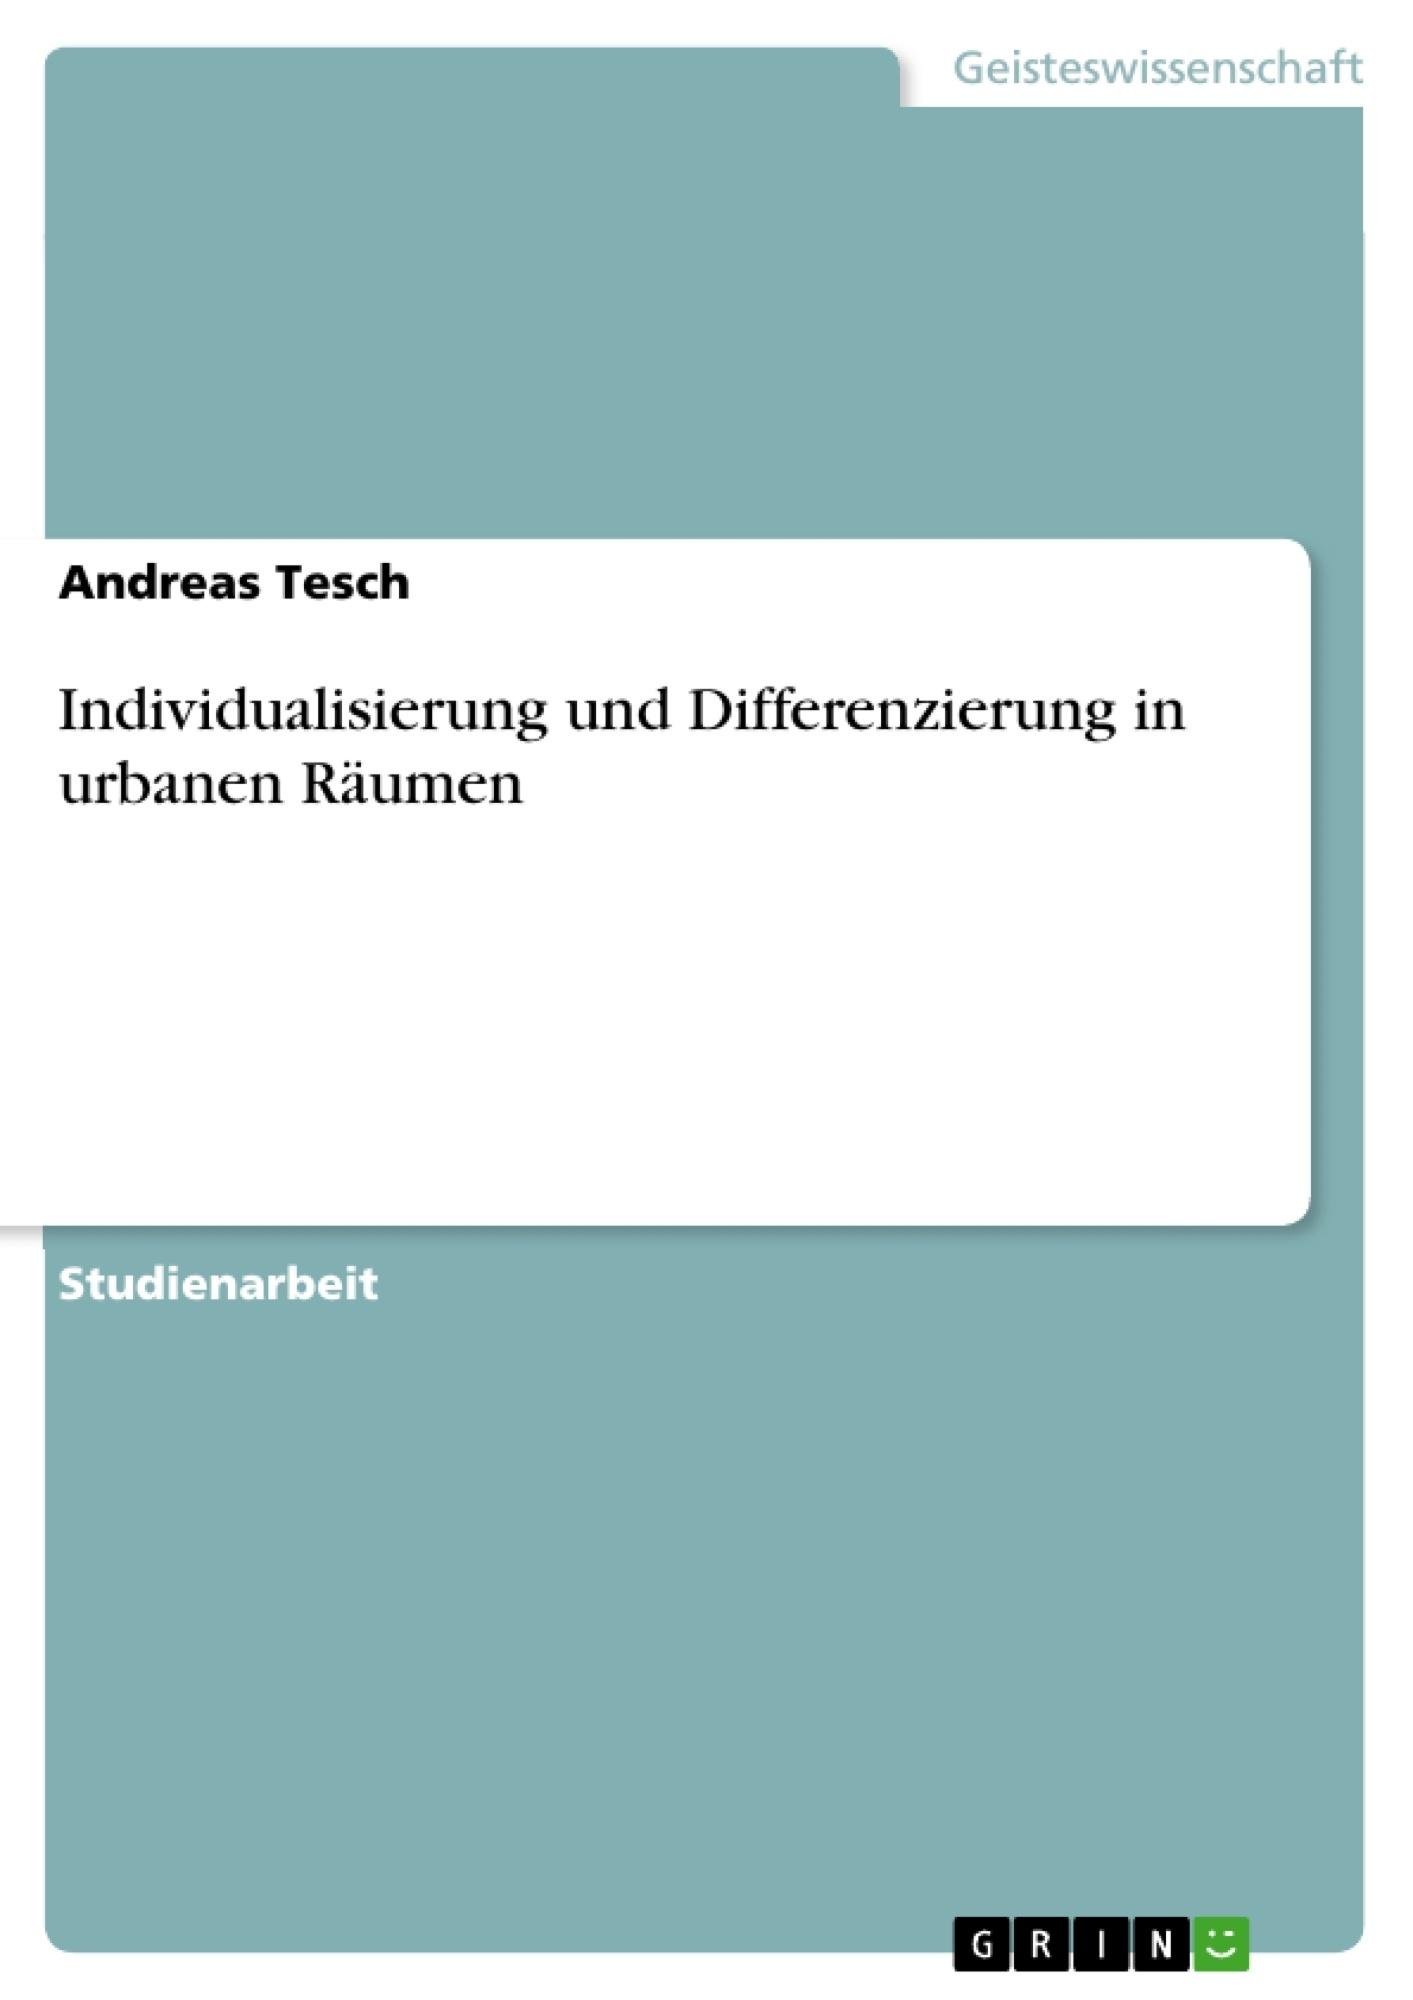 Titel: Individualisierung und Differenzierung in urbanen Räumen